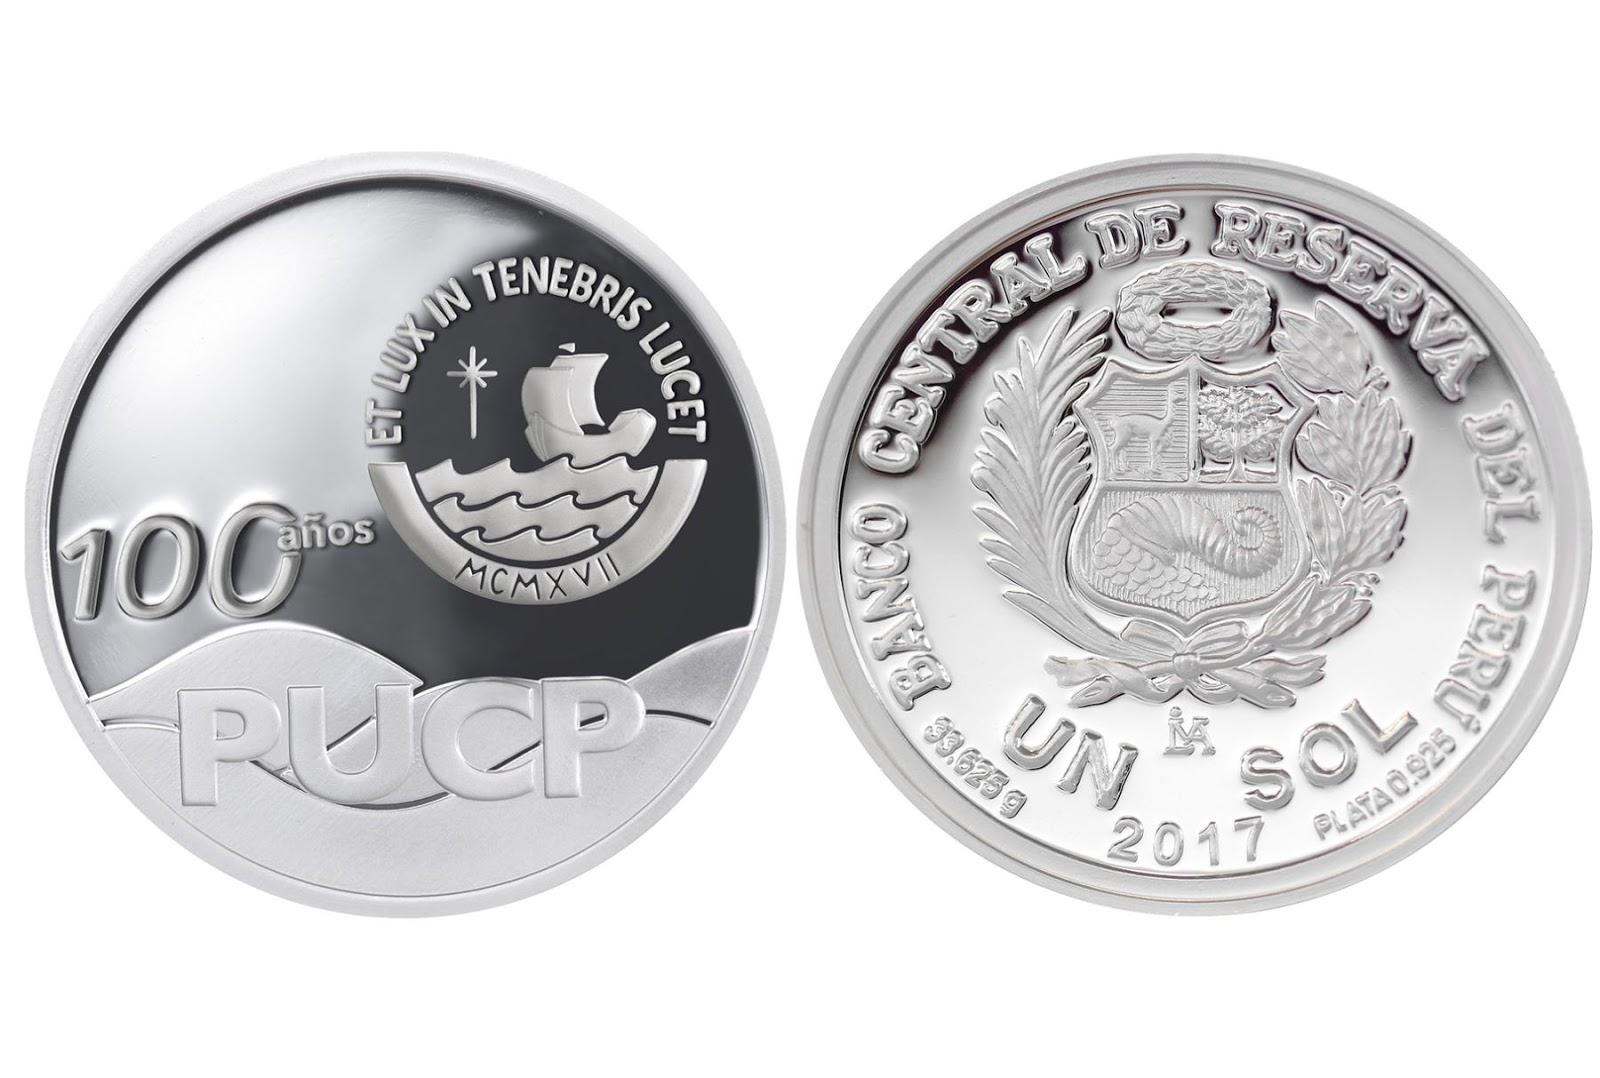 BCR pone en circulación monedas de plata alusivas a 100 años de la Pontificia Universidad Católica del Perú - PUCP